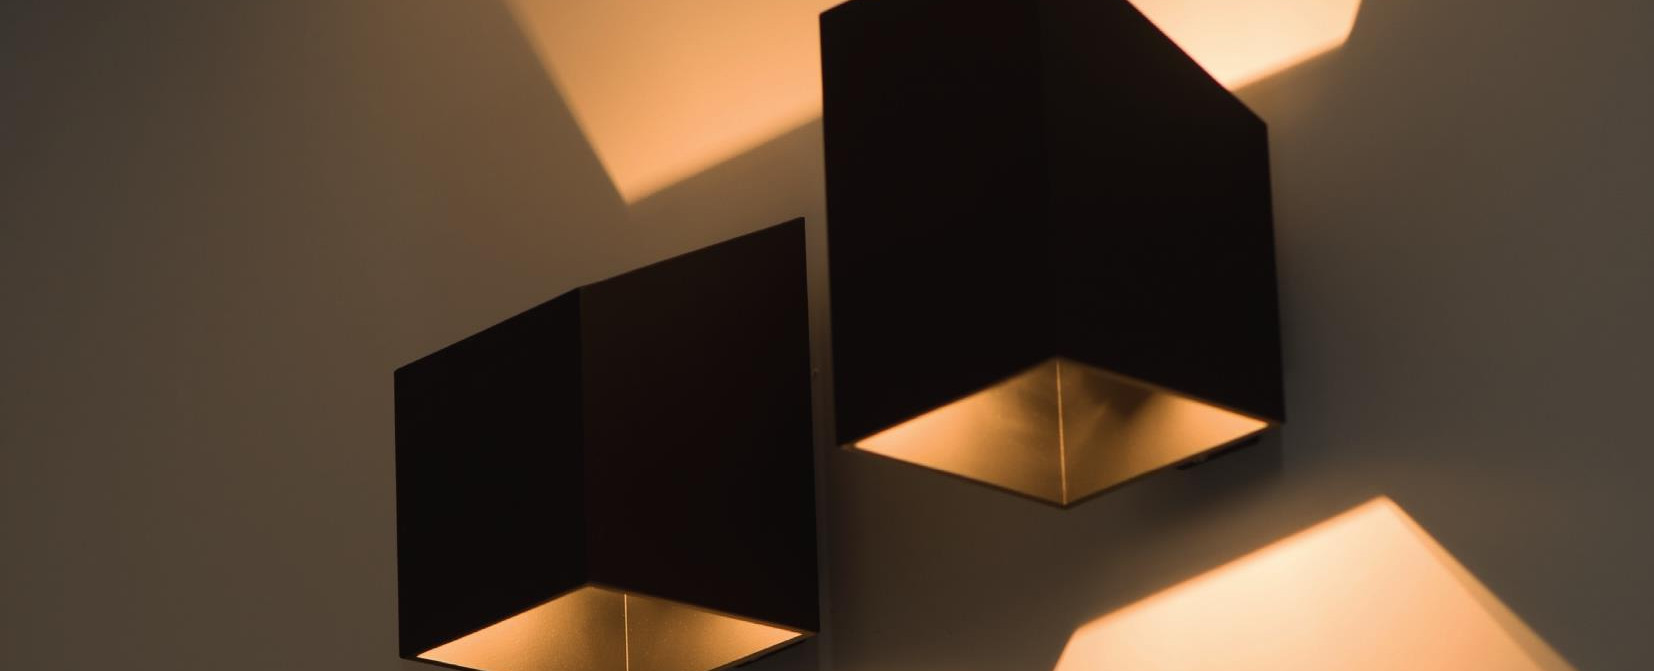 oświetlenie nad lustro i obraz